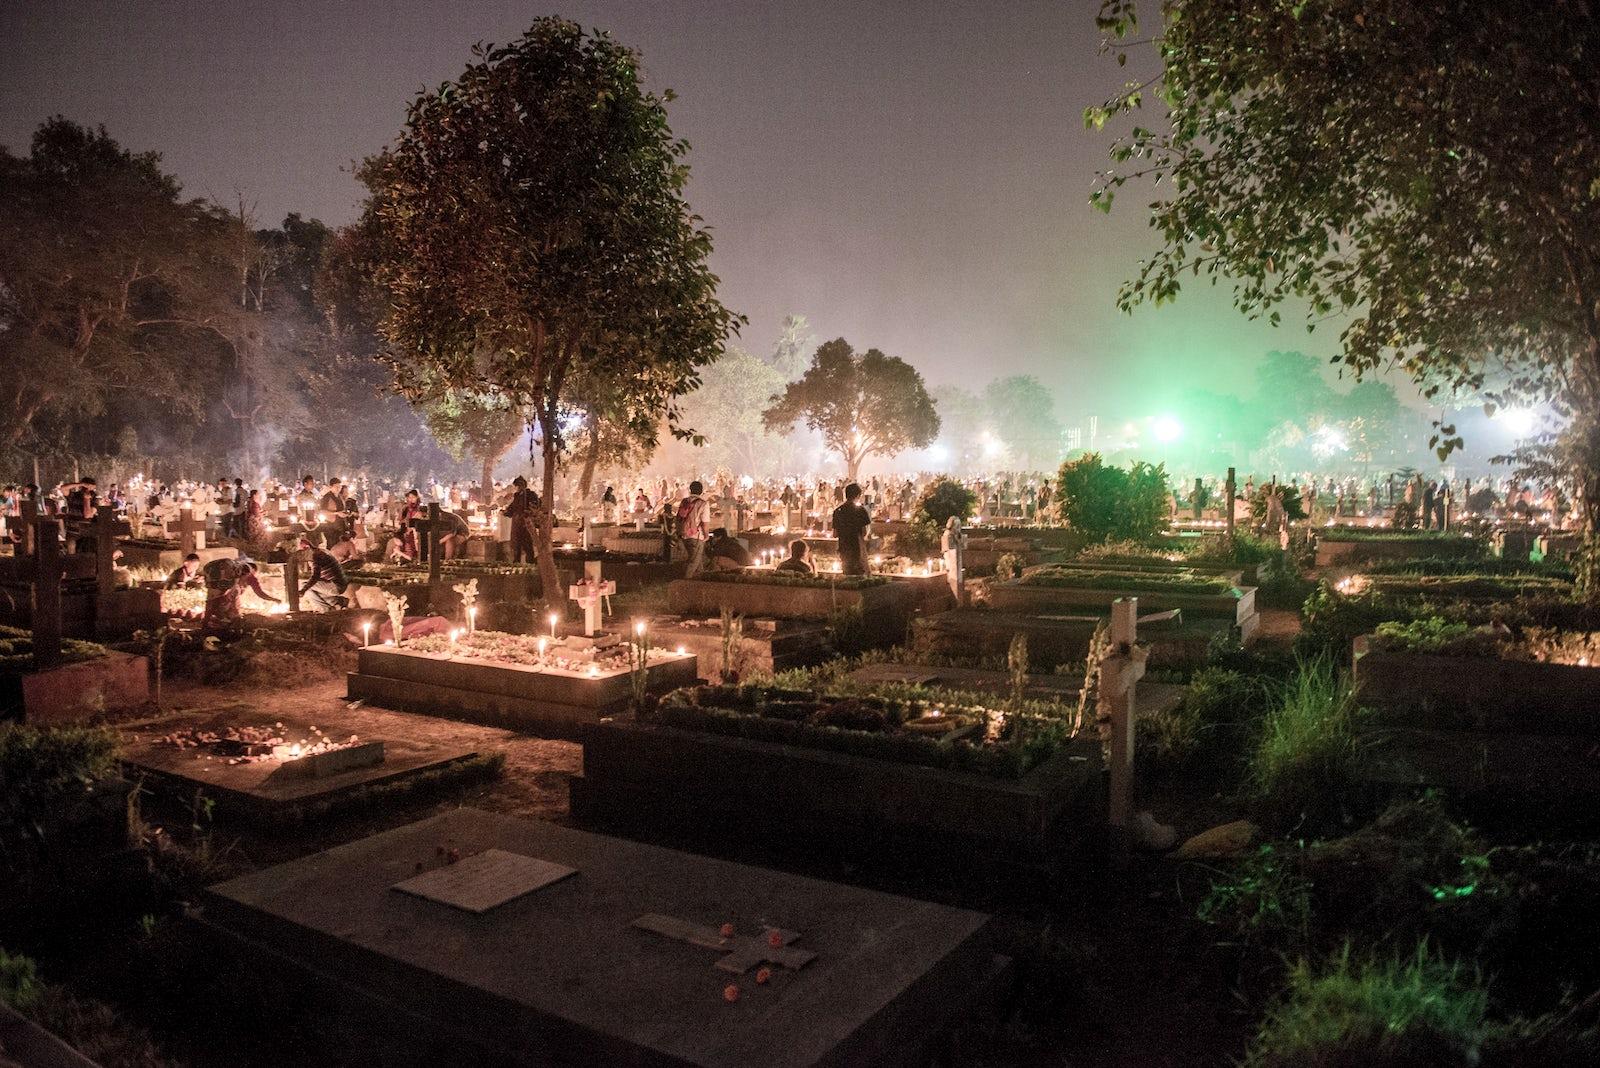 iStock/Prabuddharay